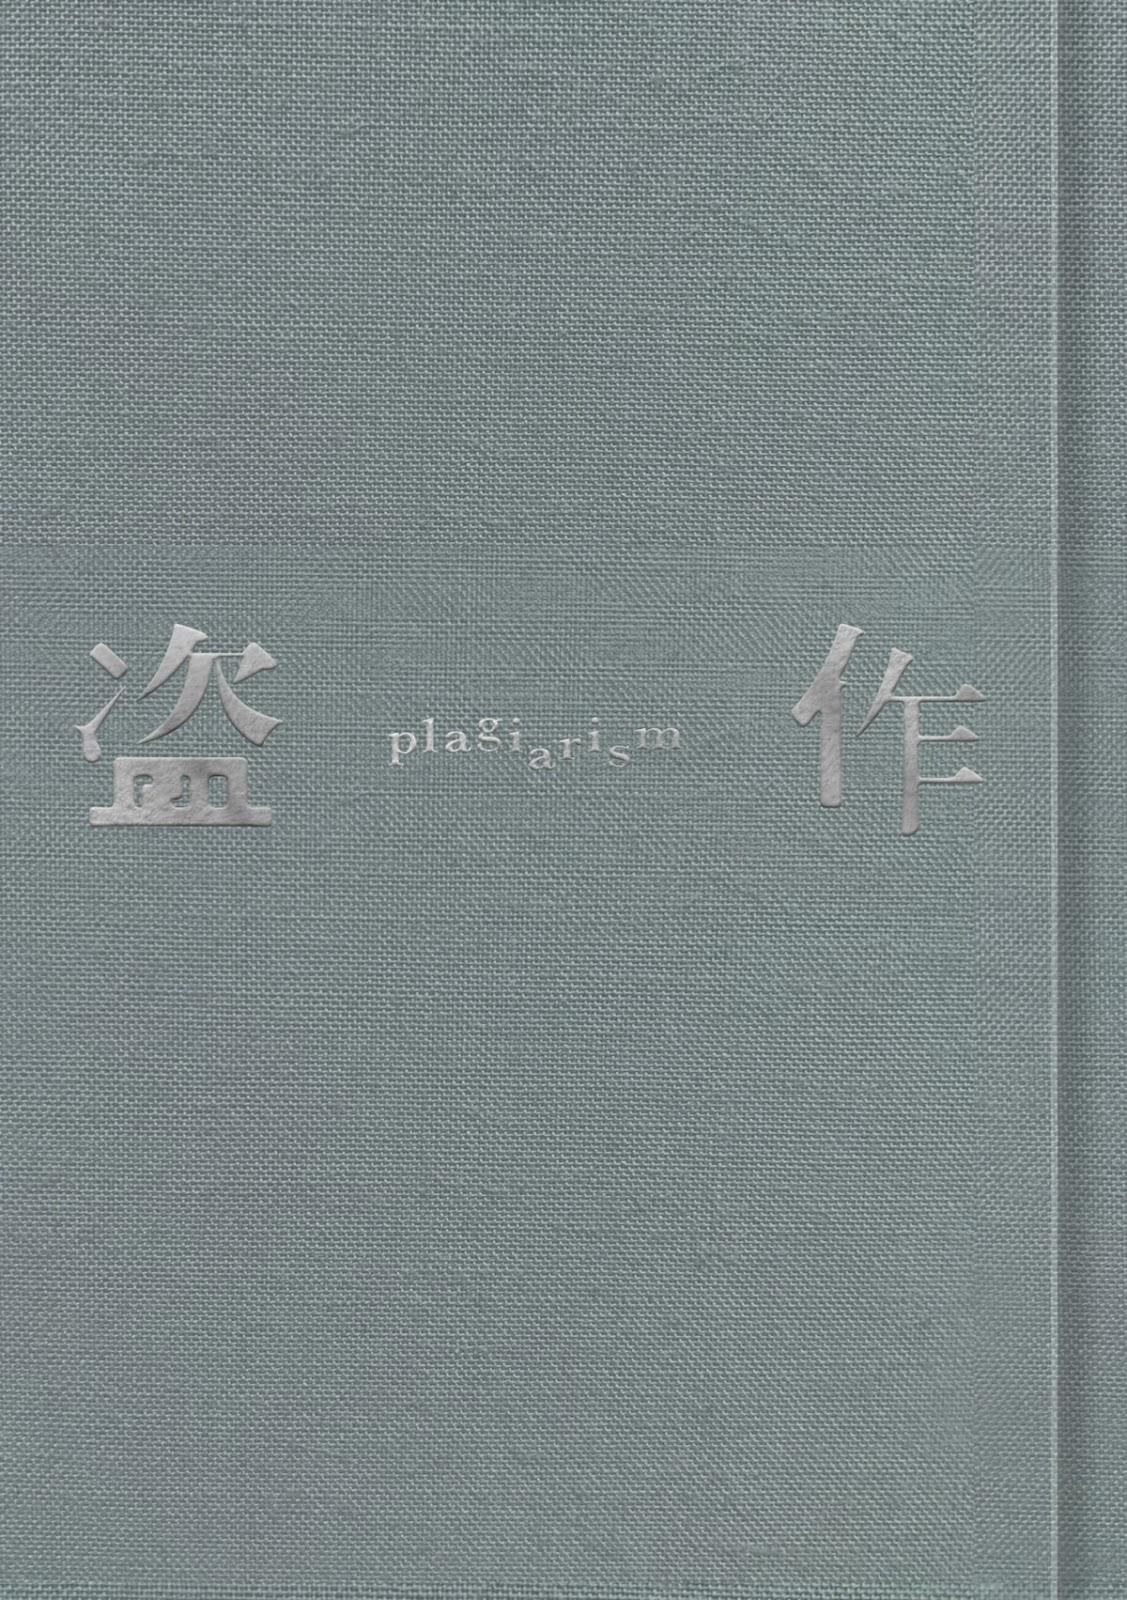 ヨルシカ - 盗作 [2020.07.29+MP3+RAR]